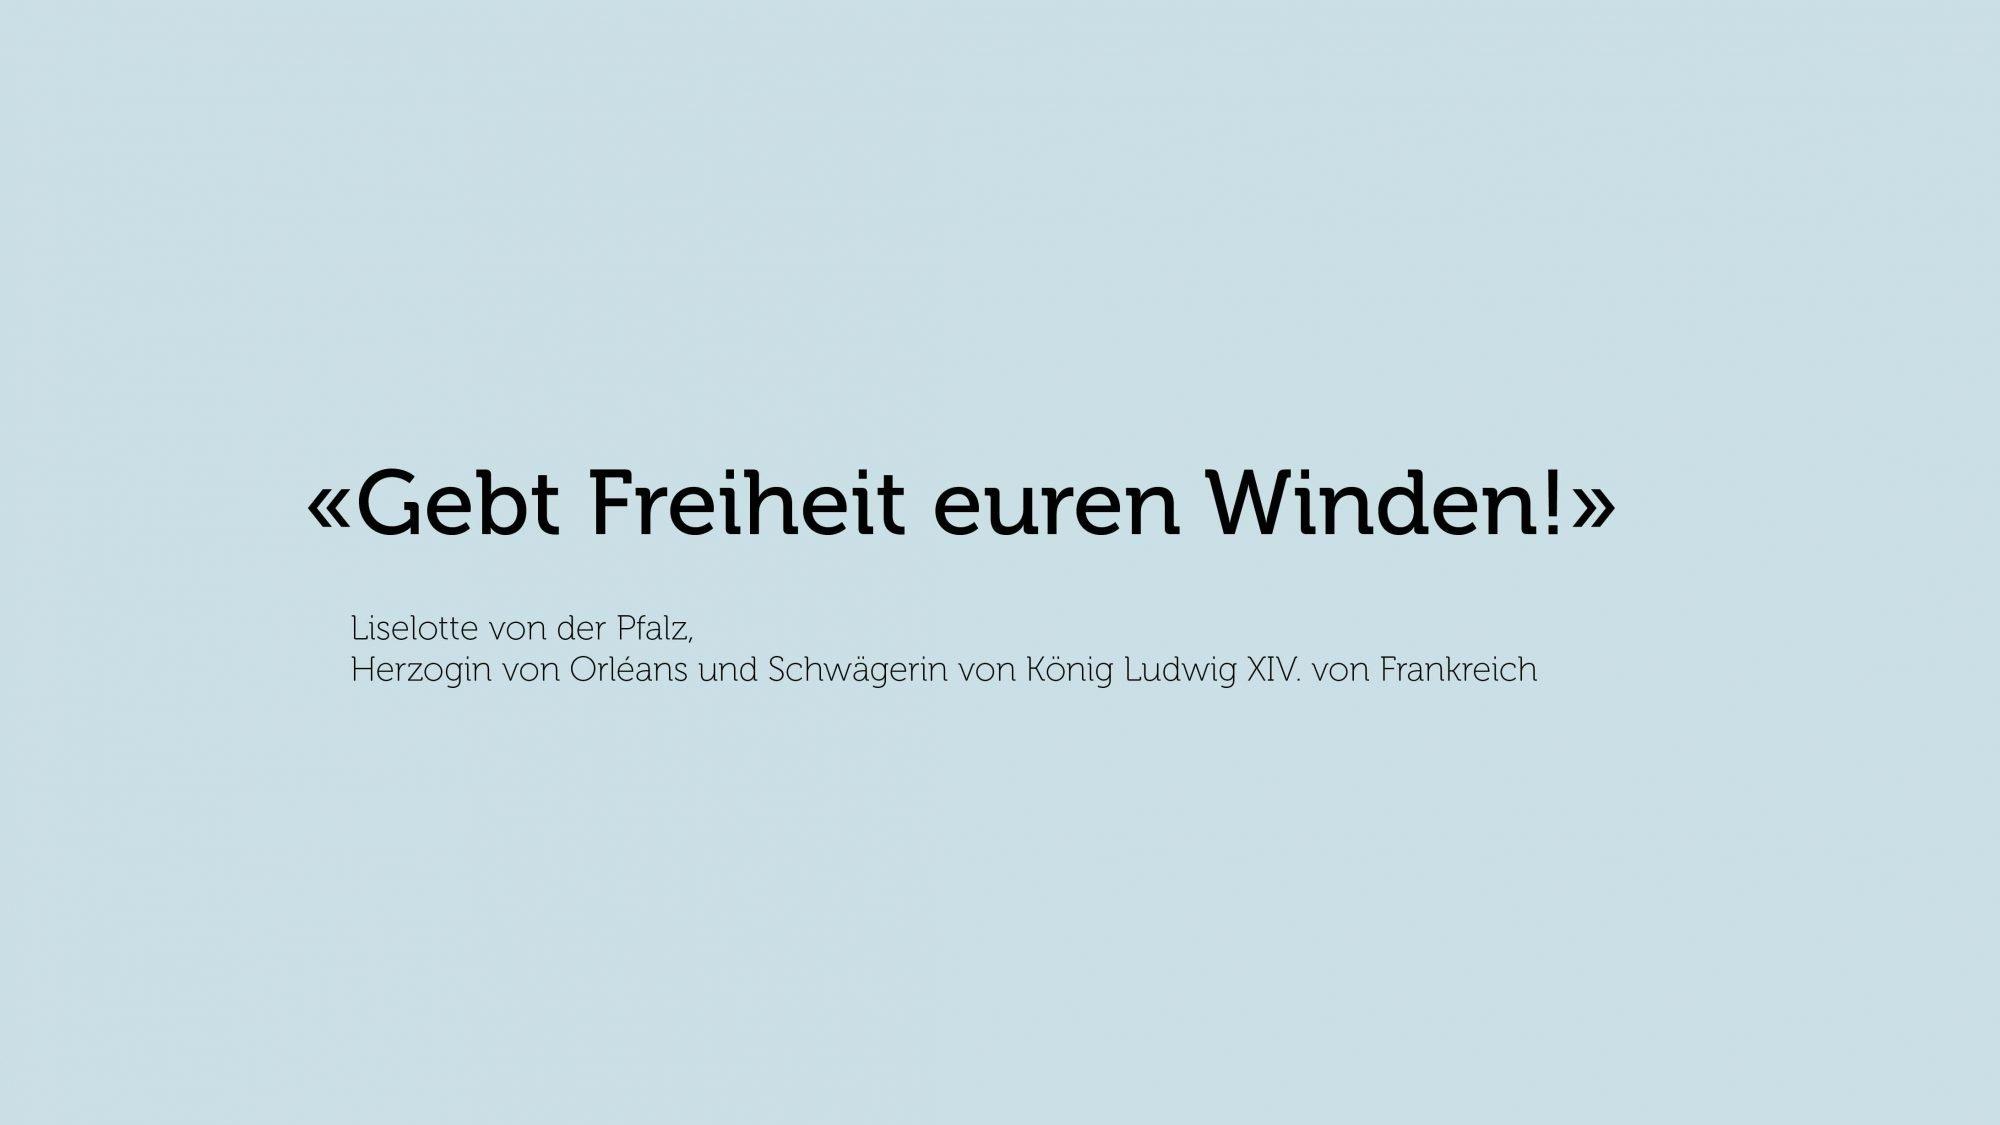 Zitat von Liselotte von der Pfalz, Herzogin von Orléans und Schwägerin von König Ludwig XIV. von Frankreich: «Gebt Freiheit euren Winden!»